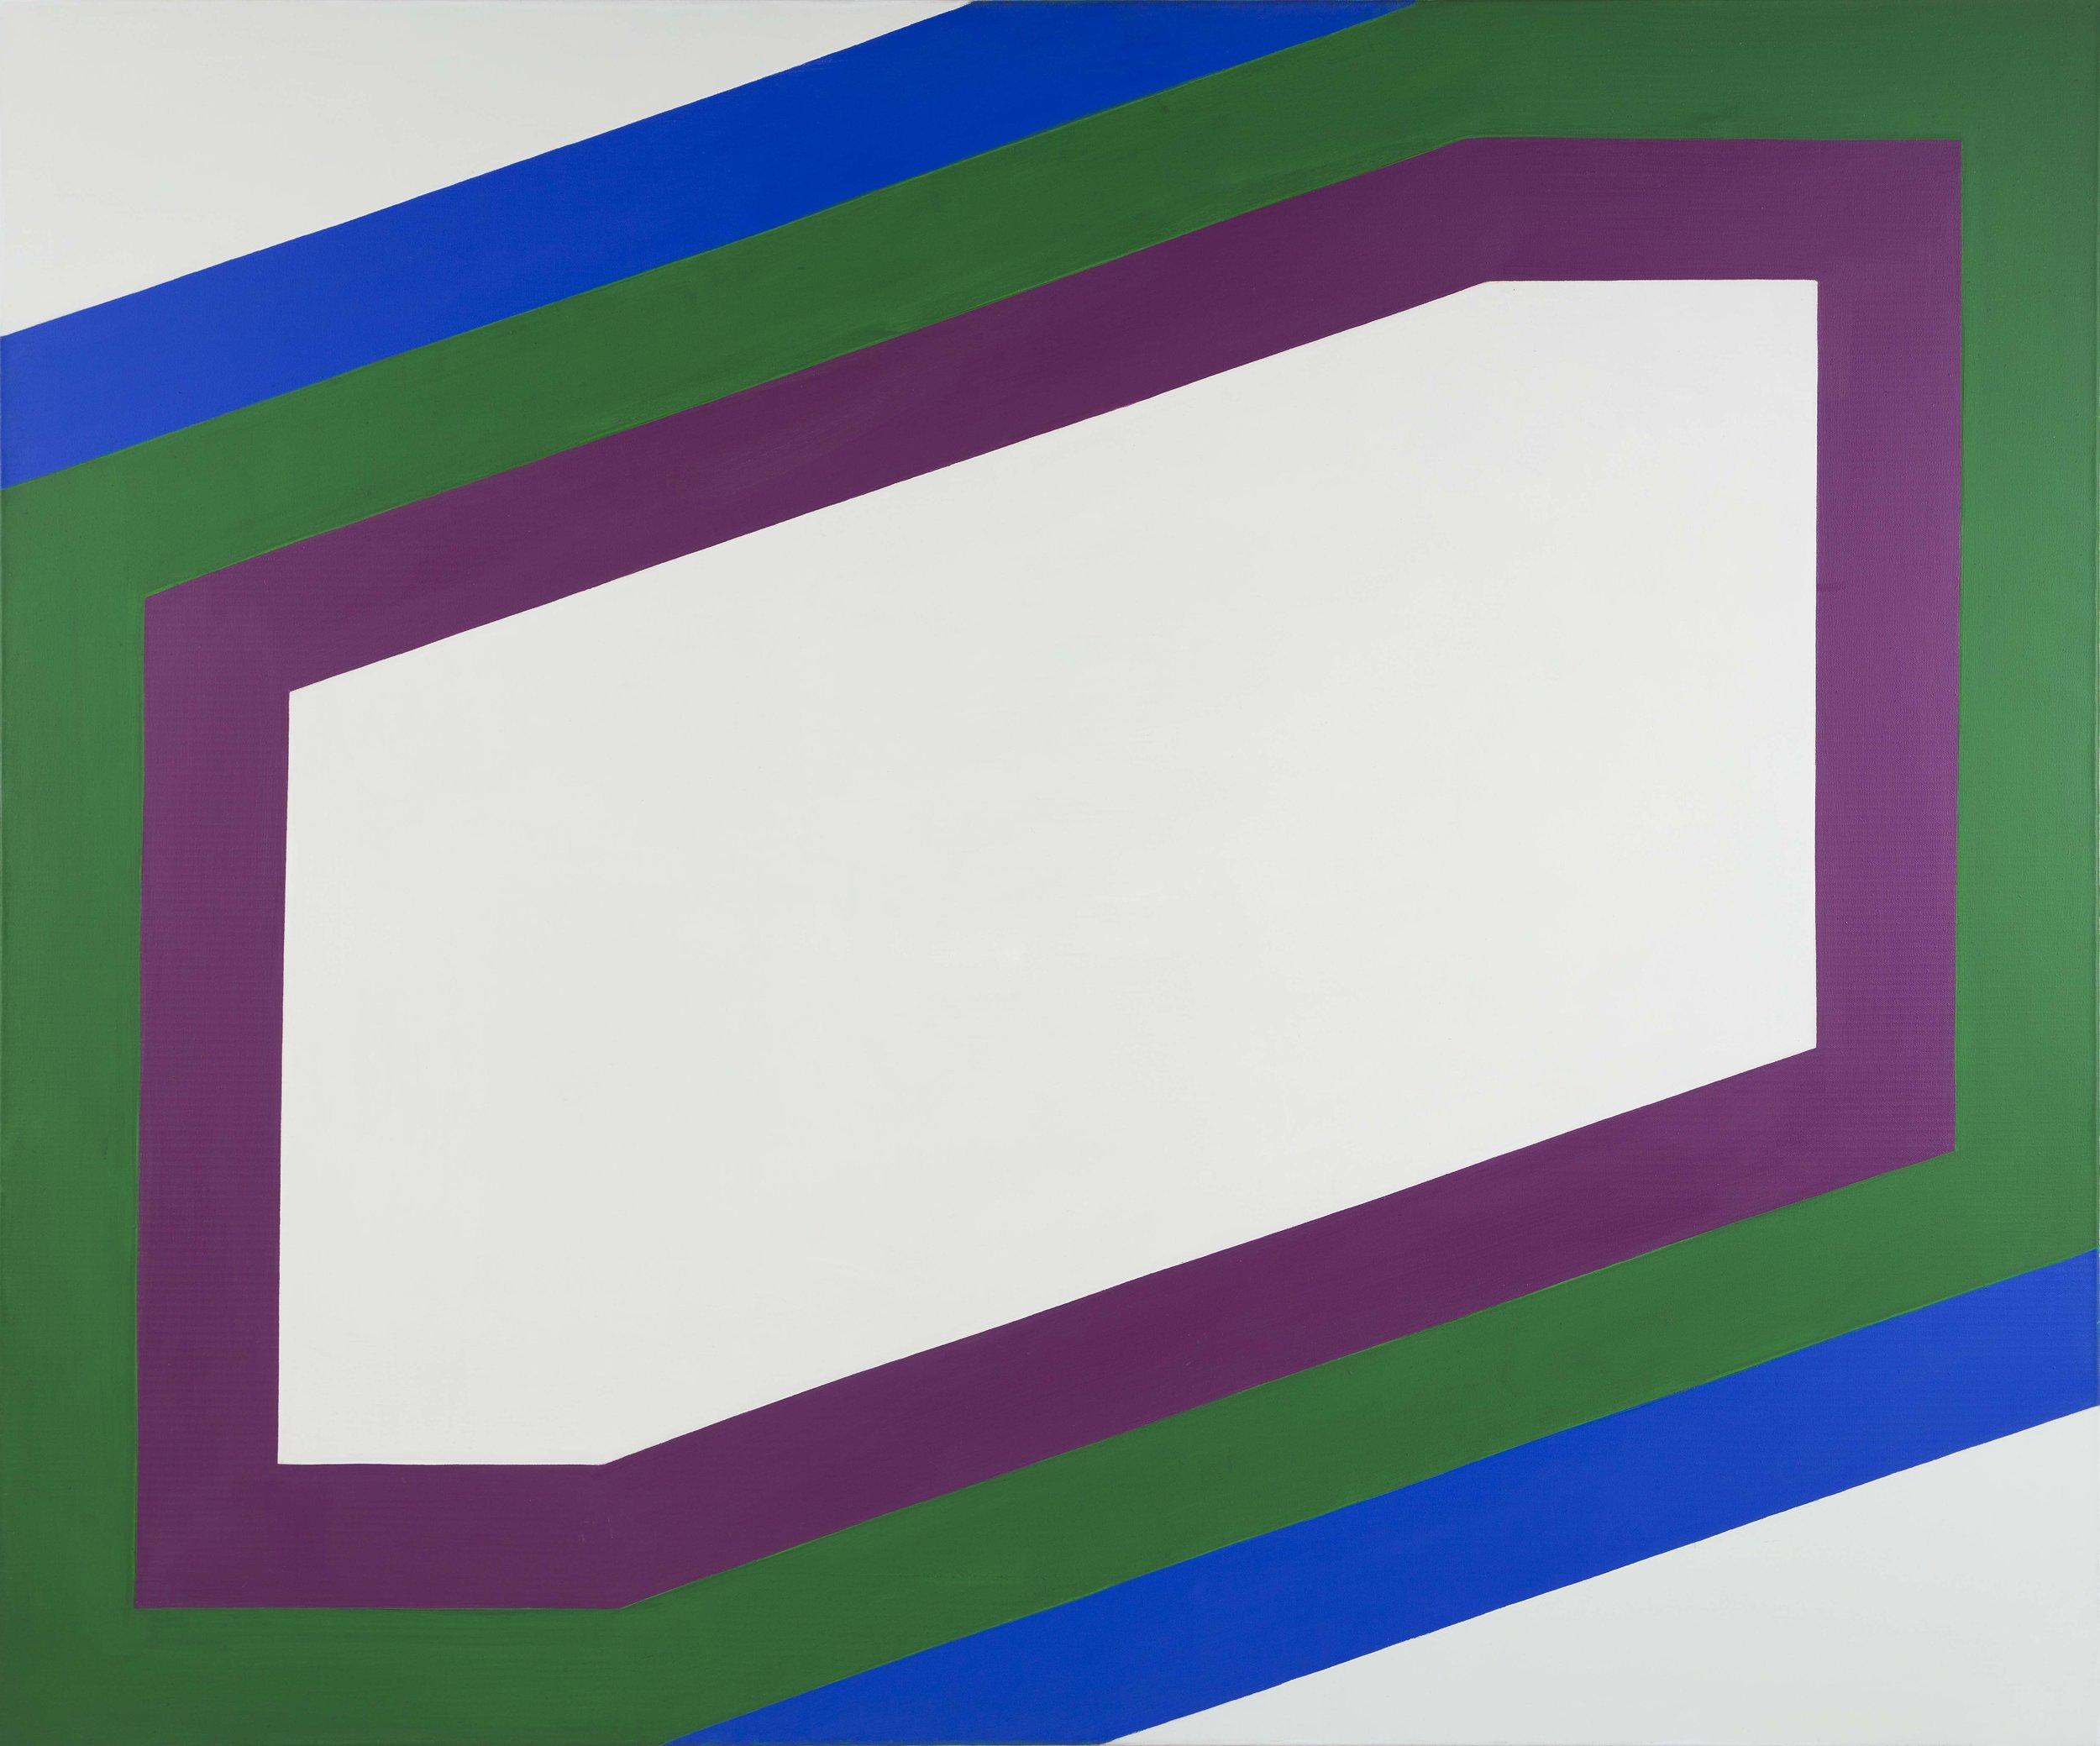 Imre Bak   Stripes II  1967 Acrylic on canvas 150 x 180 cm